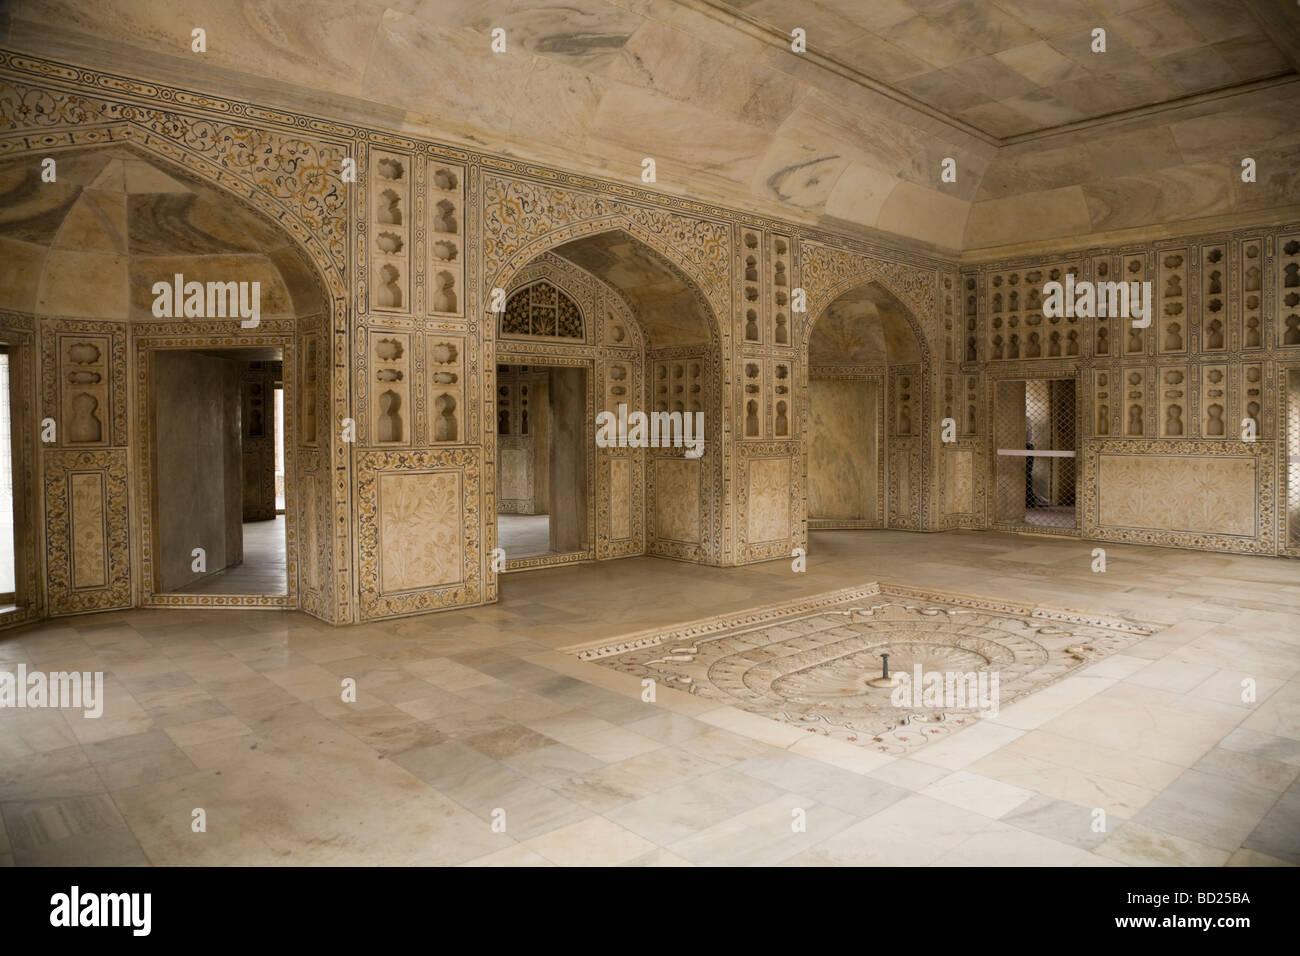 Musamman / Muthamman Burj indoor fountain. Marble walls & columns ...